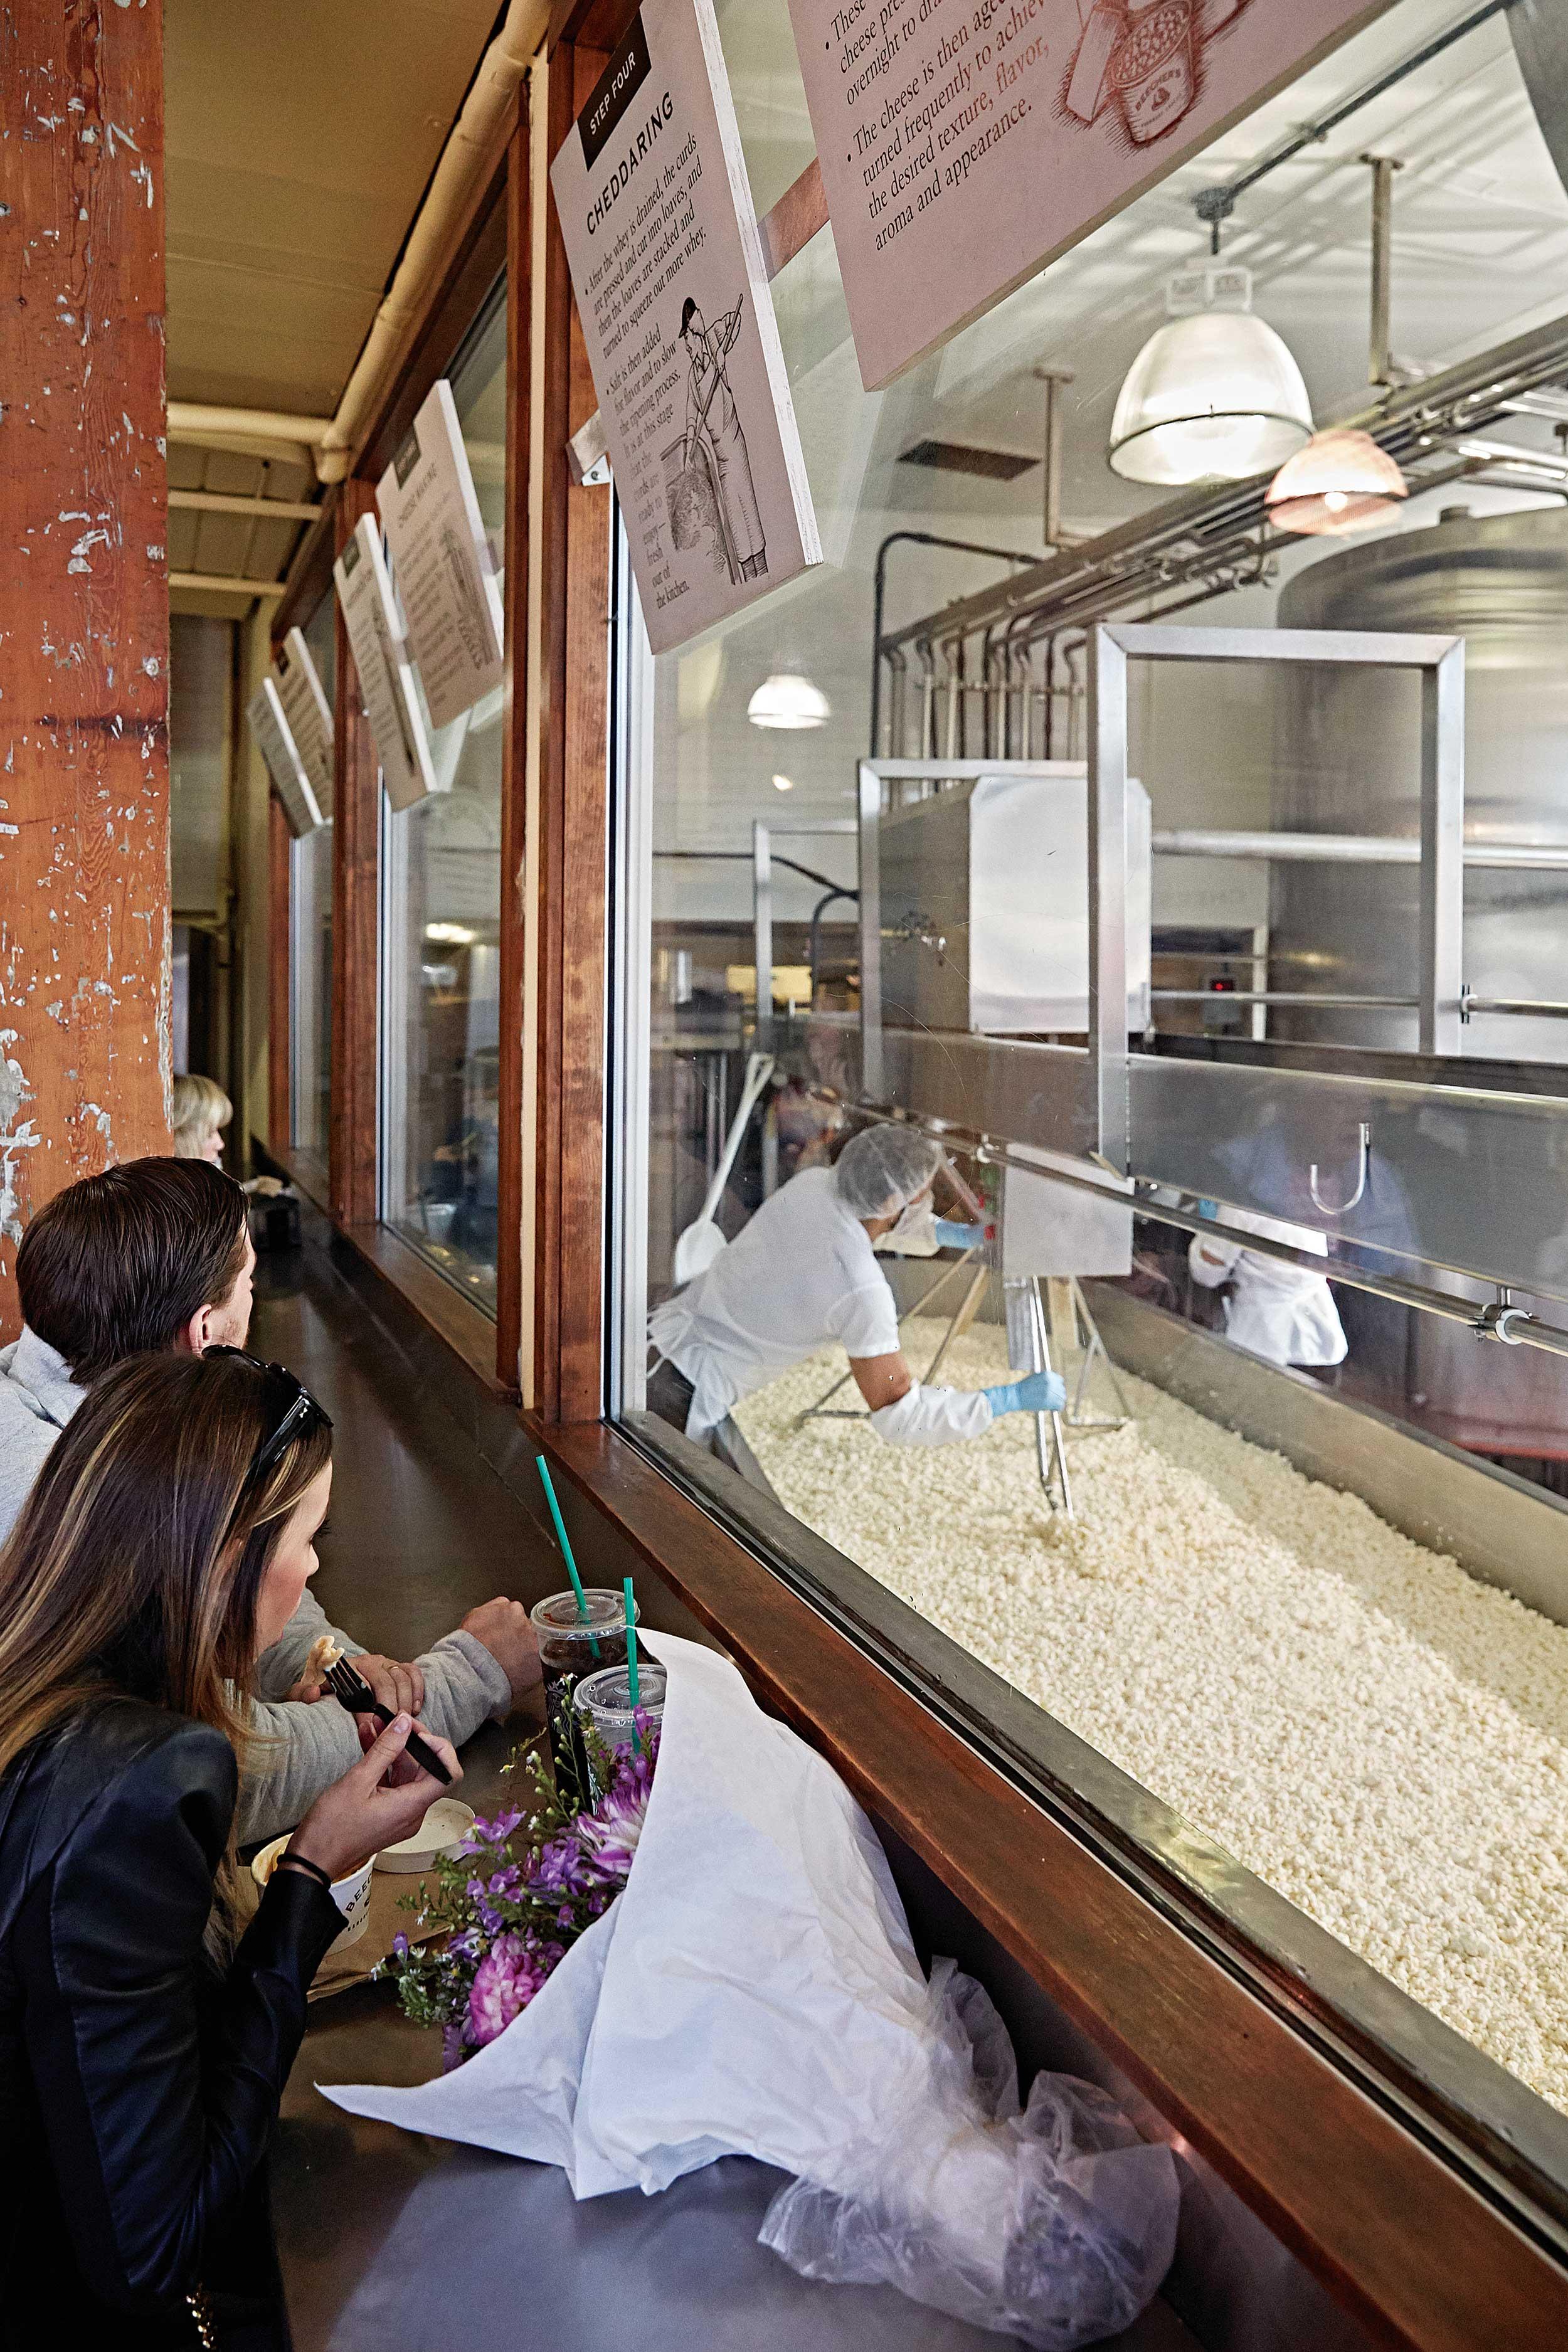 비처스 핸드메이드 치즈에서는 커드를 만드는 모습을 유리창으로 지켜볼 수 있다. © 심윤석